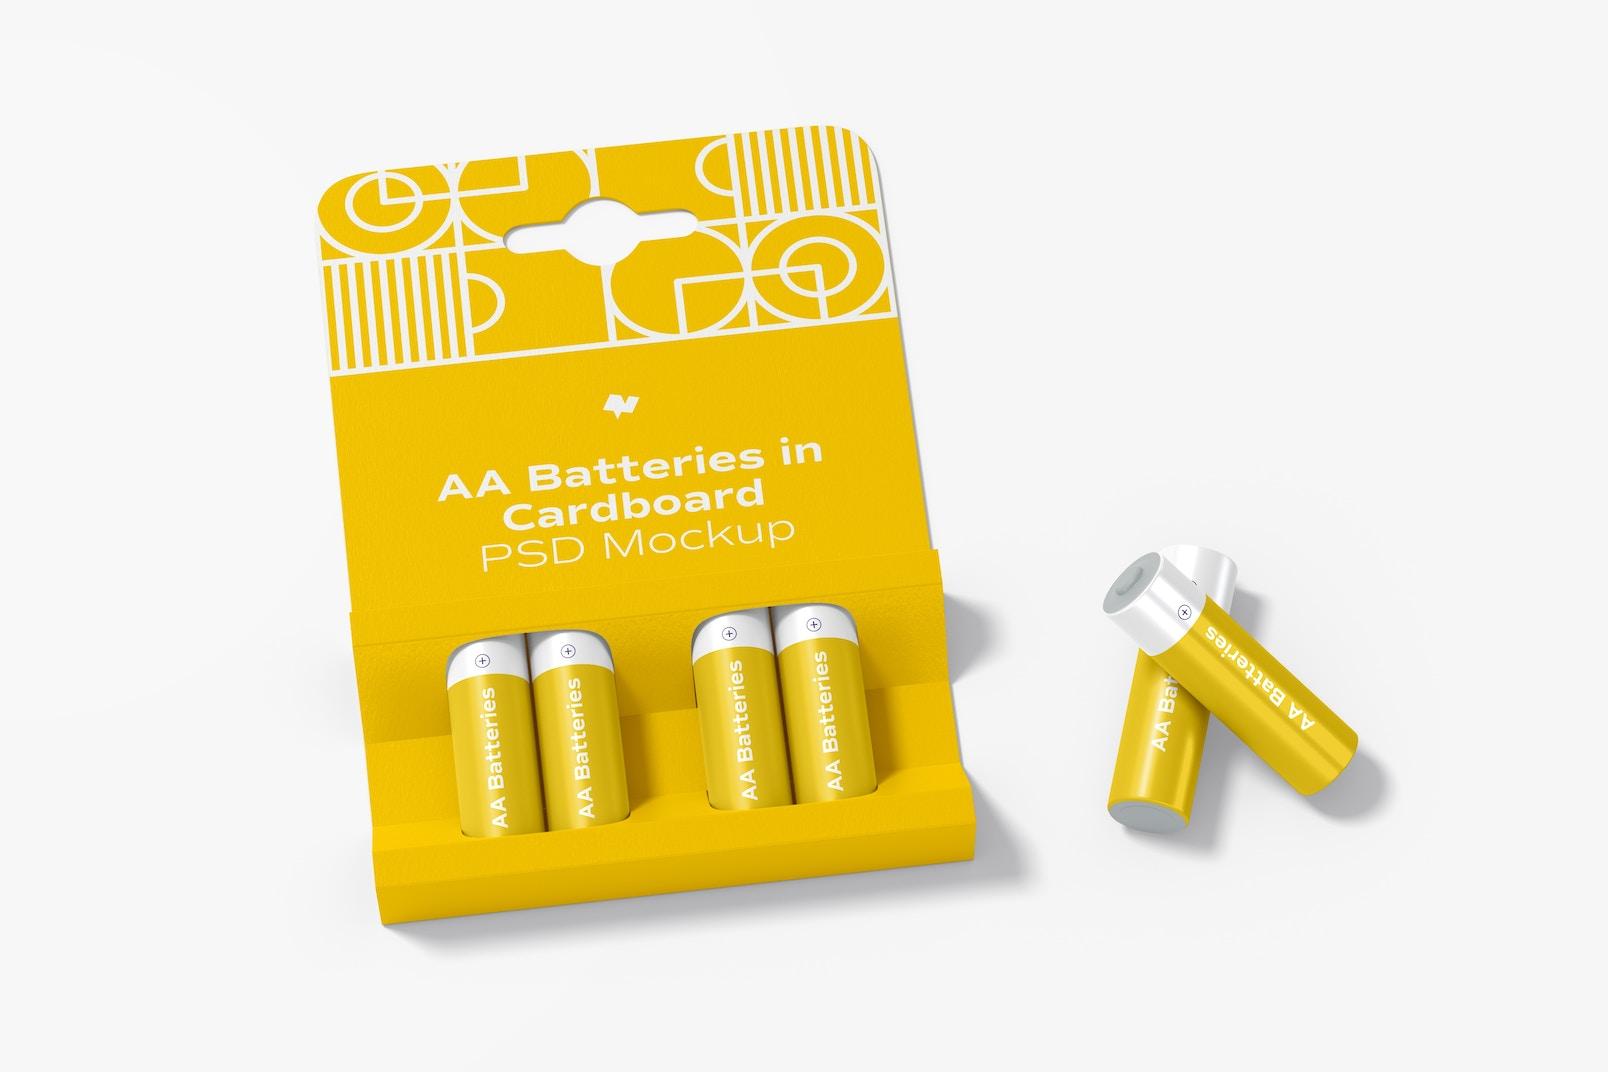 AA Batteries in Cardboard Mockup, Top View